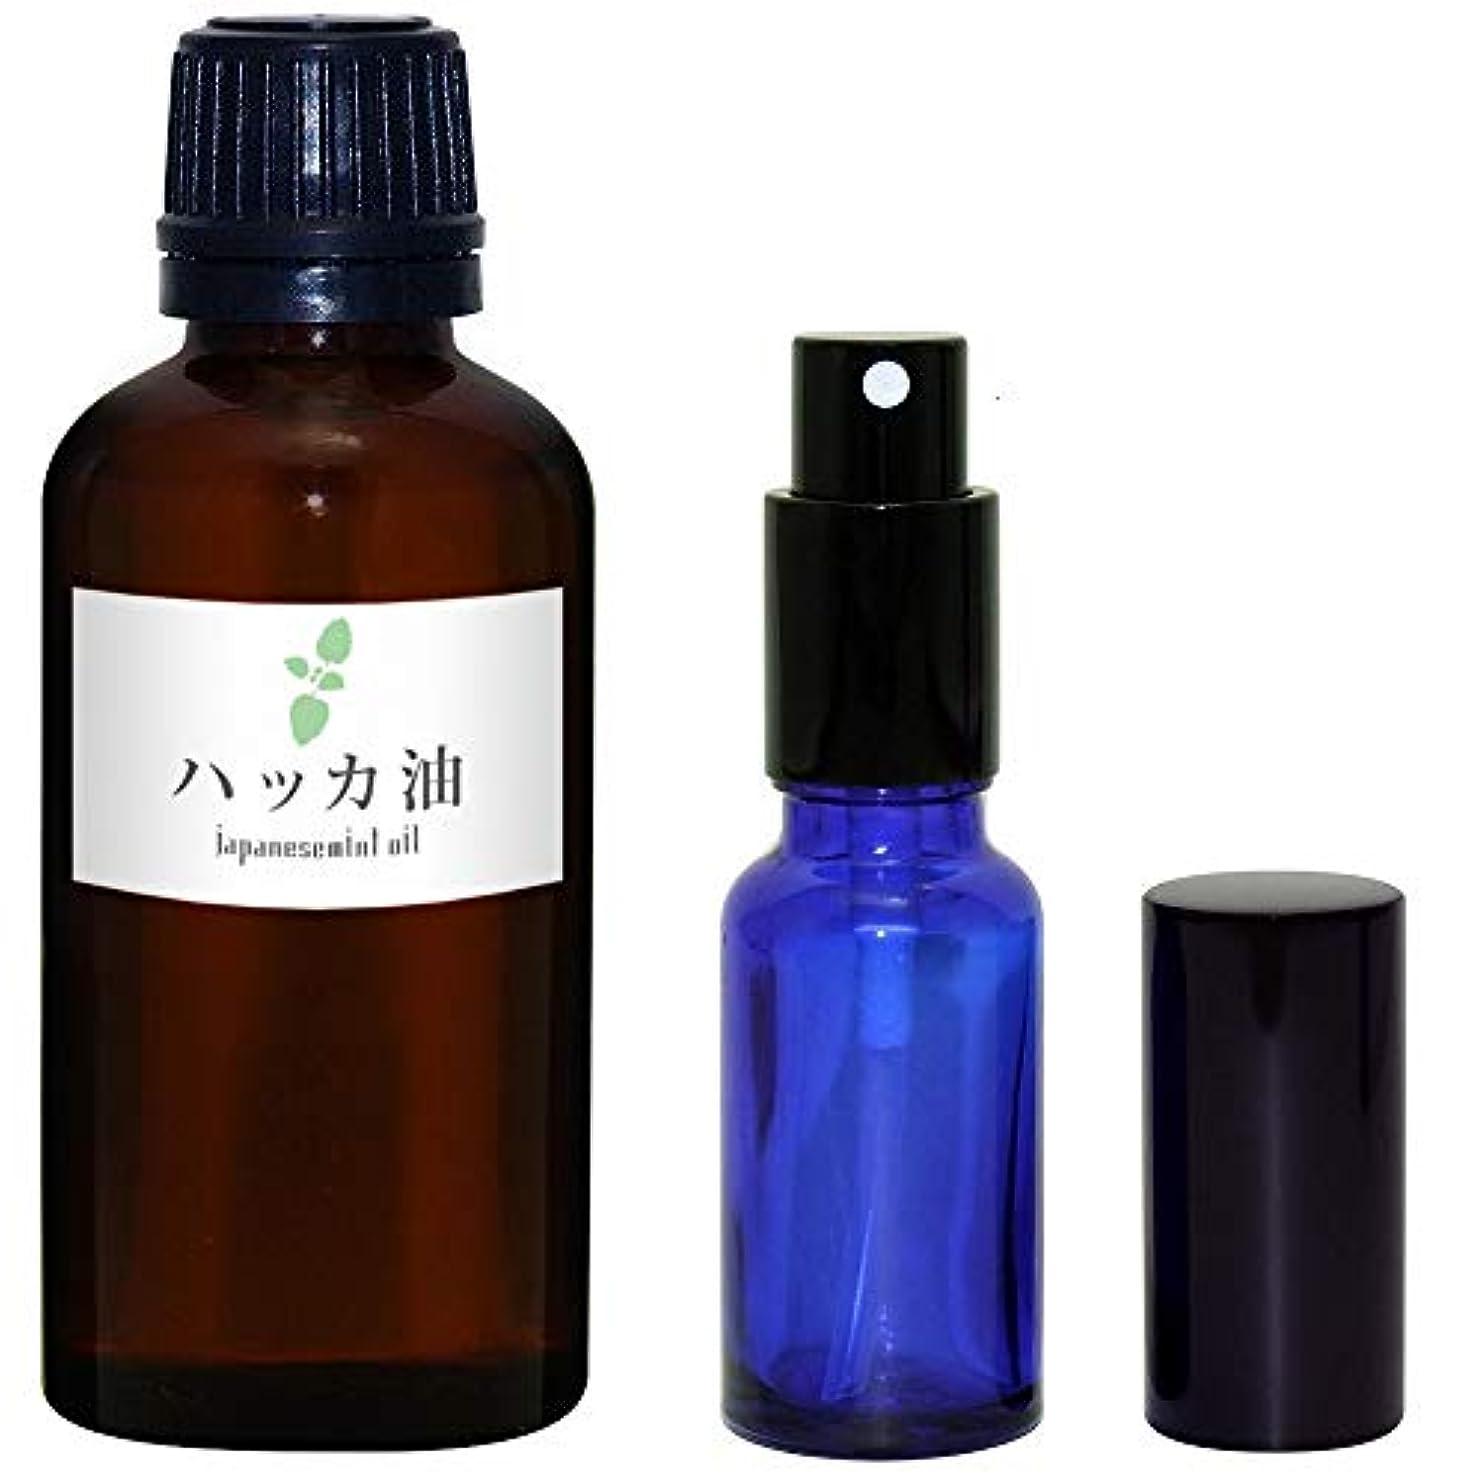 欠伸ぜいたく編集者ガレージ?ゼロ ハッカ油 50ml(GZAK15)+ガラス瓶 スプレーボトル20ml/和種薄荷/ジャパニーズミント GSE535